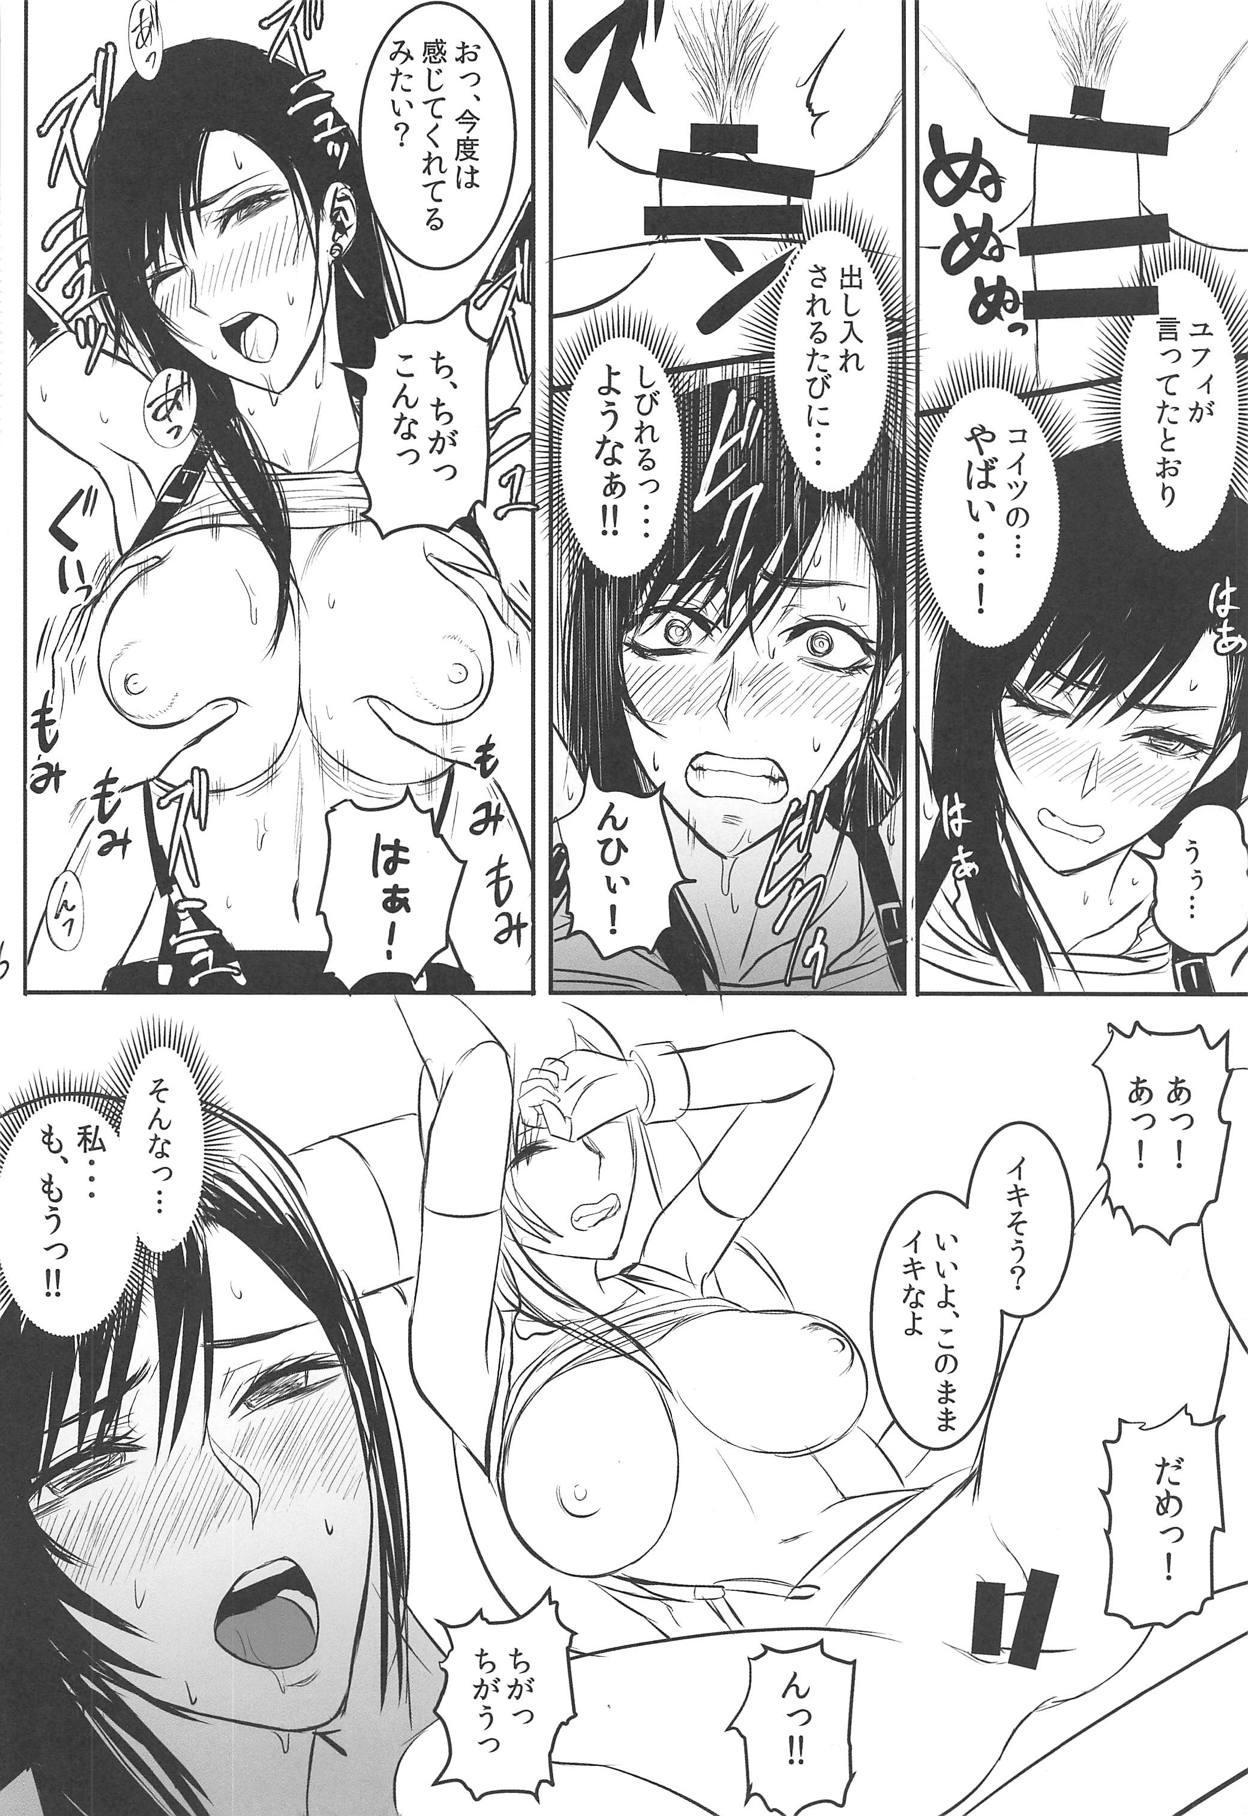 Midgar de Baishun Shitetara Gattsuri Otosareta Ken 16